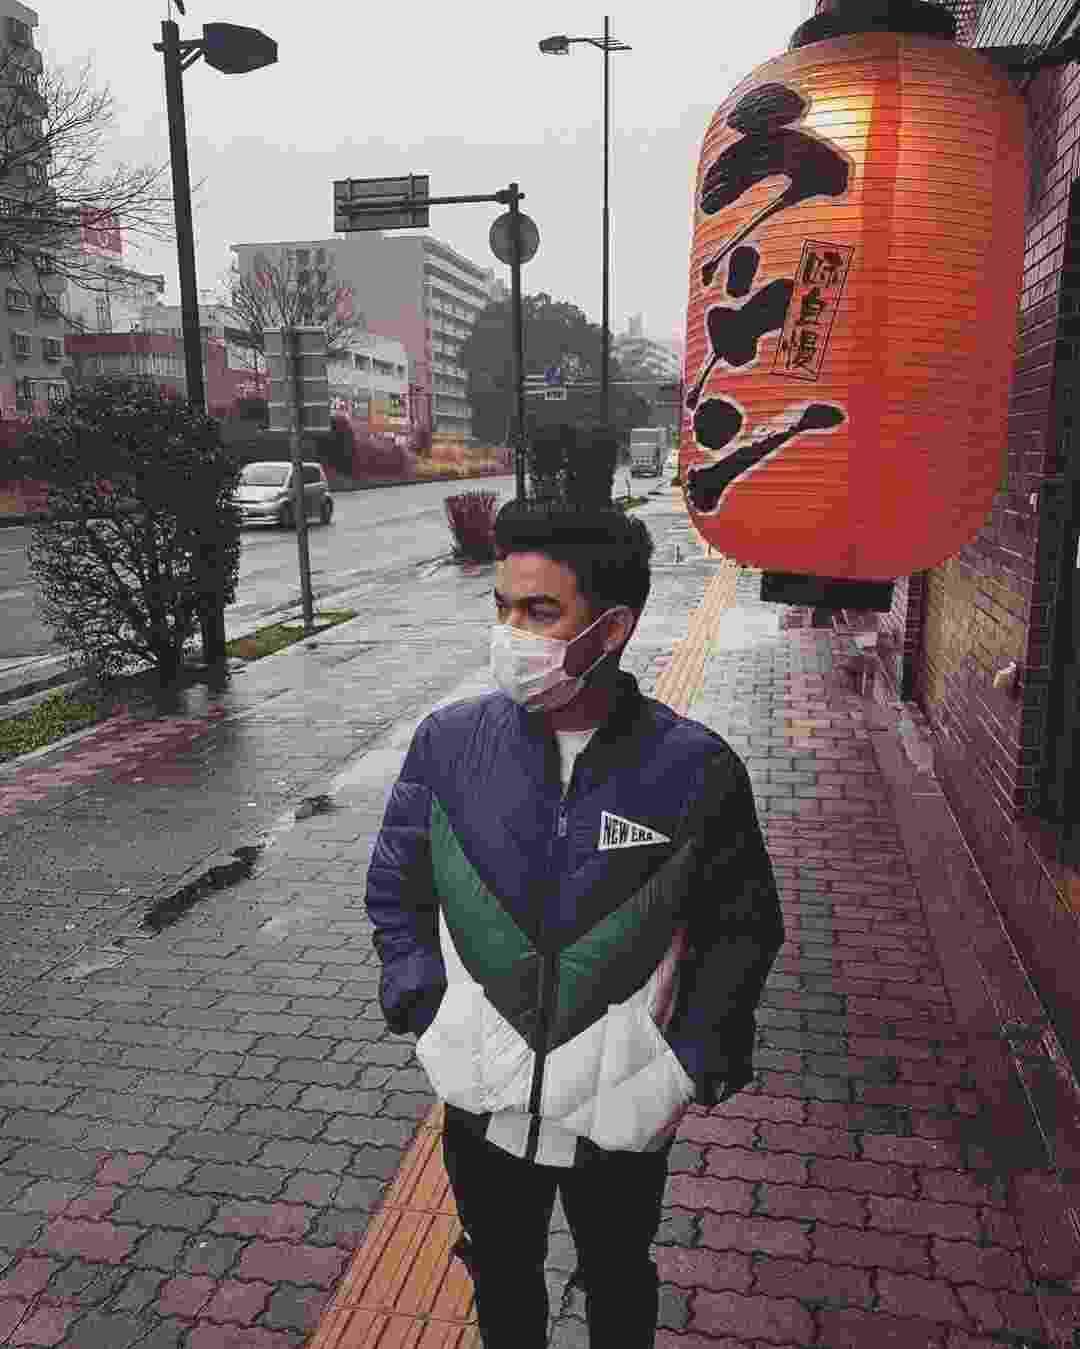 """Yudi Tamashiro assustou seus fãs ao aparece usando uma máscara cirúrgica nas fotos tiradas em viagem ao Japão. Ele negou estar doente, e explicou: """"Faço a barba, está um frio desgraçado...aí coloco a máscara para não ficar zoando minha pele e também não cortar a boca"""", contou. O apresentador, porém, não é o único famoso a ter dicas de beleza um tanto quanto """"diferentes"""". Confira algumas delas! - Reprodução/Instagram/yuditamashiro"""